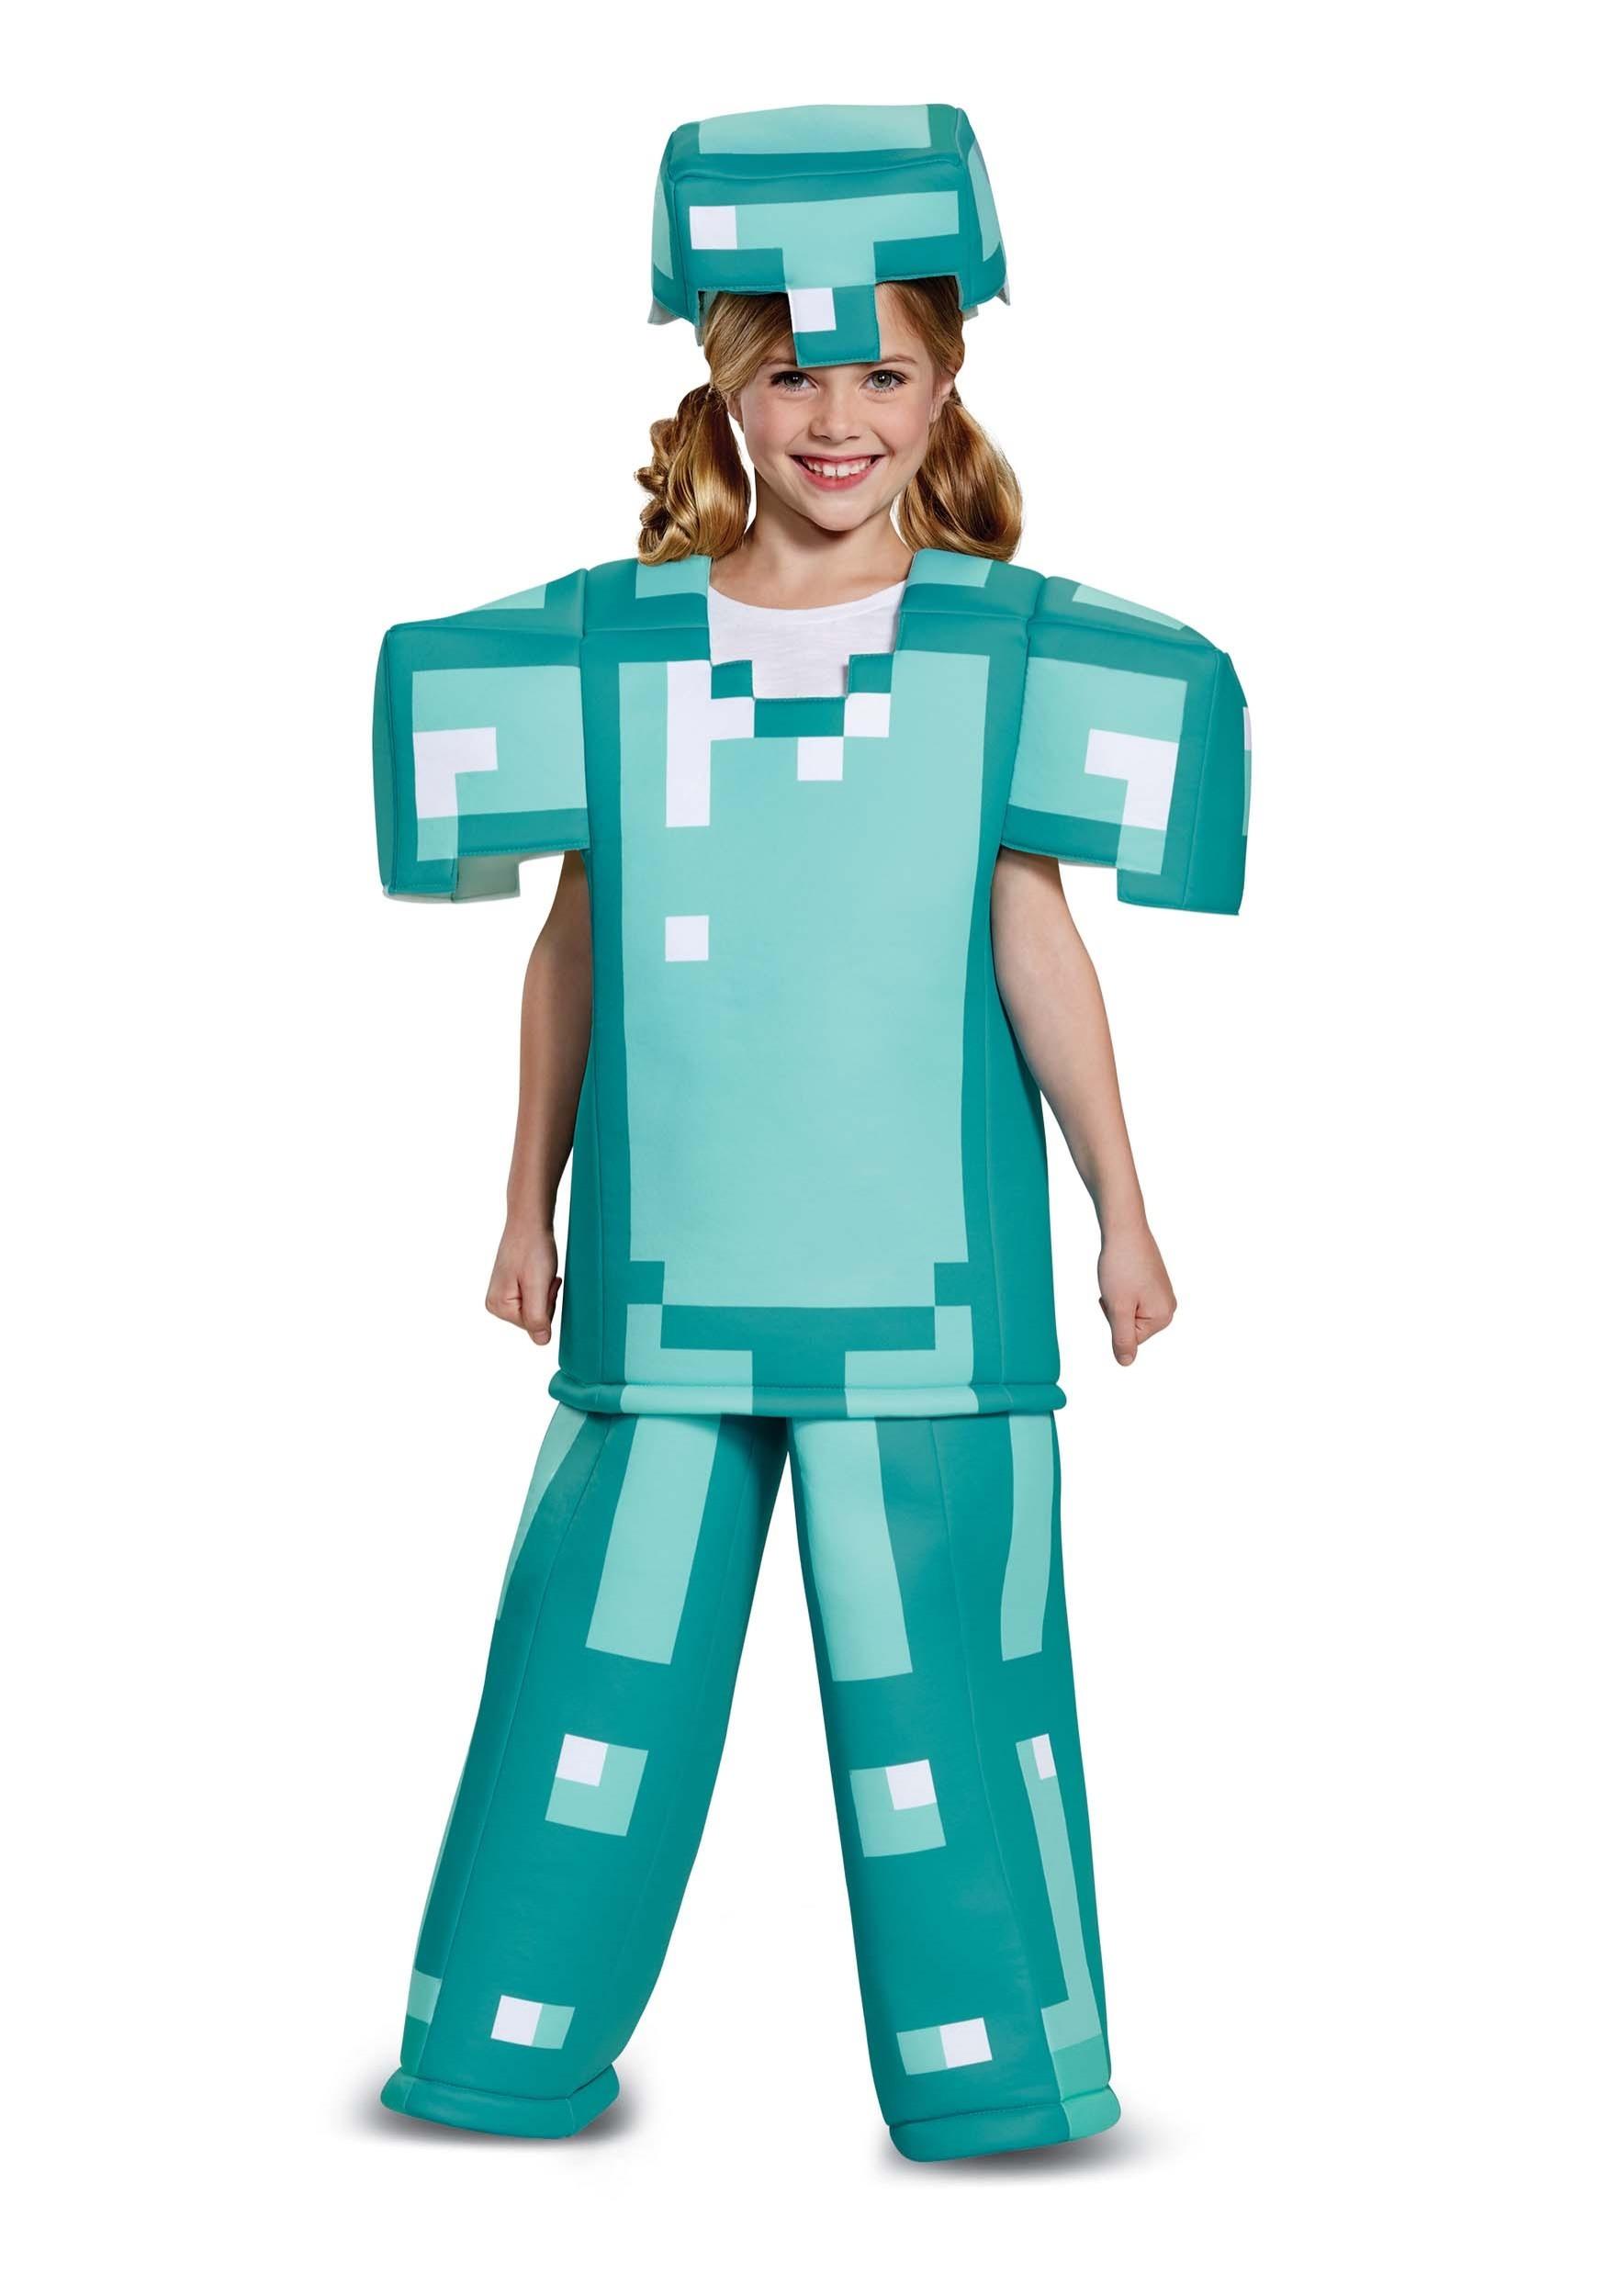 Prestige Minecraft Child Armor Costume Prestige Minecraft Child Armor Costume ...  sc 1 st  Fun.com & Prestige Minecraft Armor Costume for Children